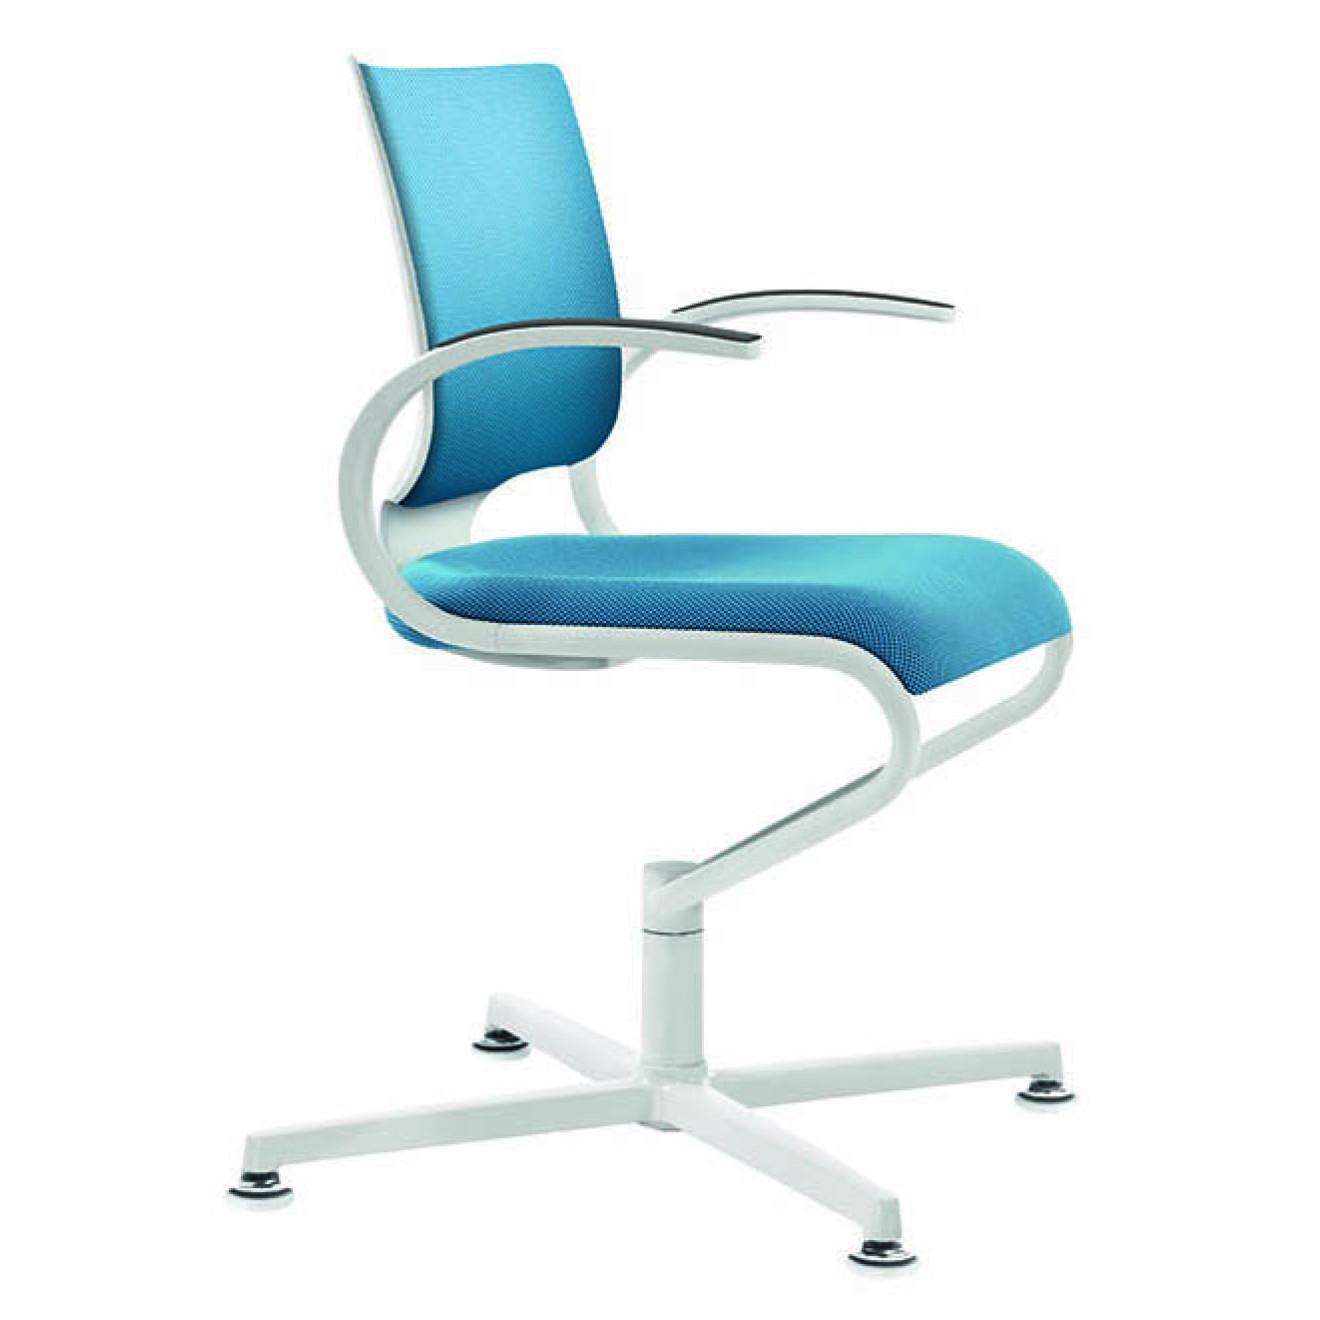 dauphin konferenzstuhl it 5409 white edition. Black Bedroom Furniture Sets. Home Design Ideas